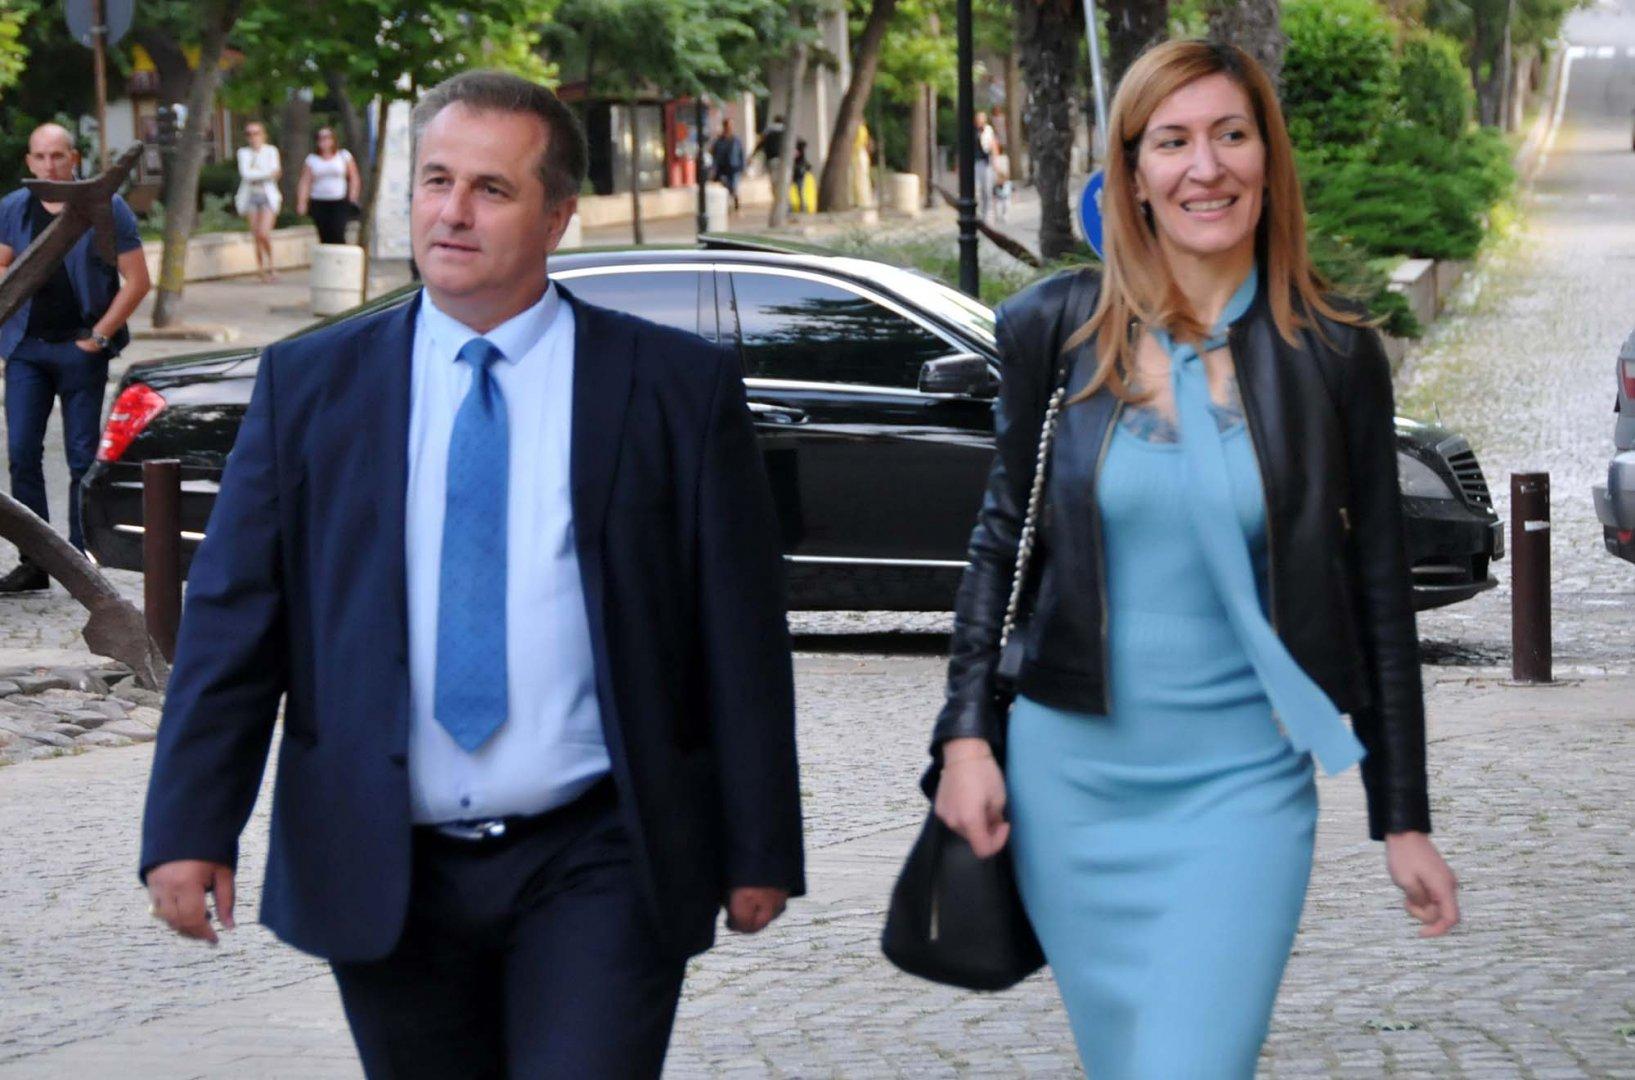 Кметът на Созопол Панайот Рейзи бе отстранен от длъжност на 16 април 2019 г. с решение на Апелативния специализиран съд. Снимка Архив Черноморие-бг